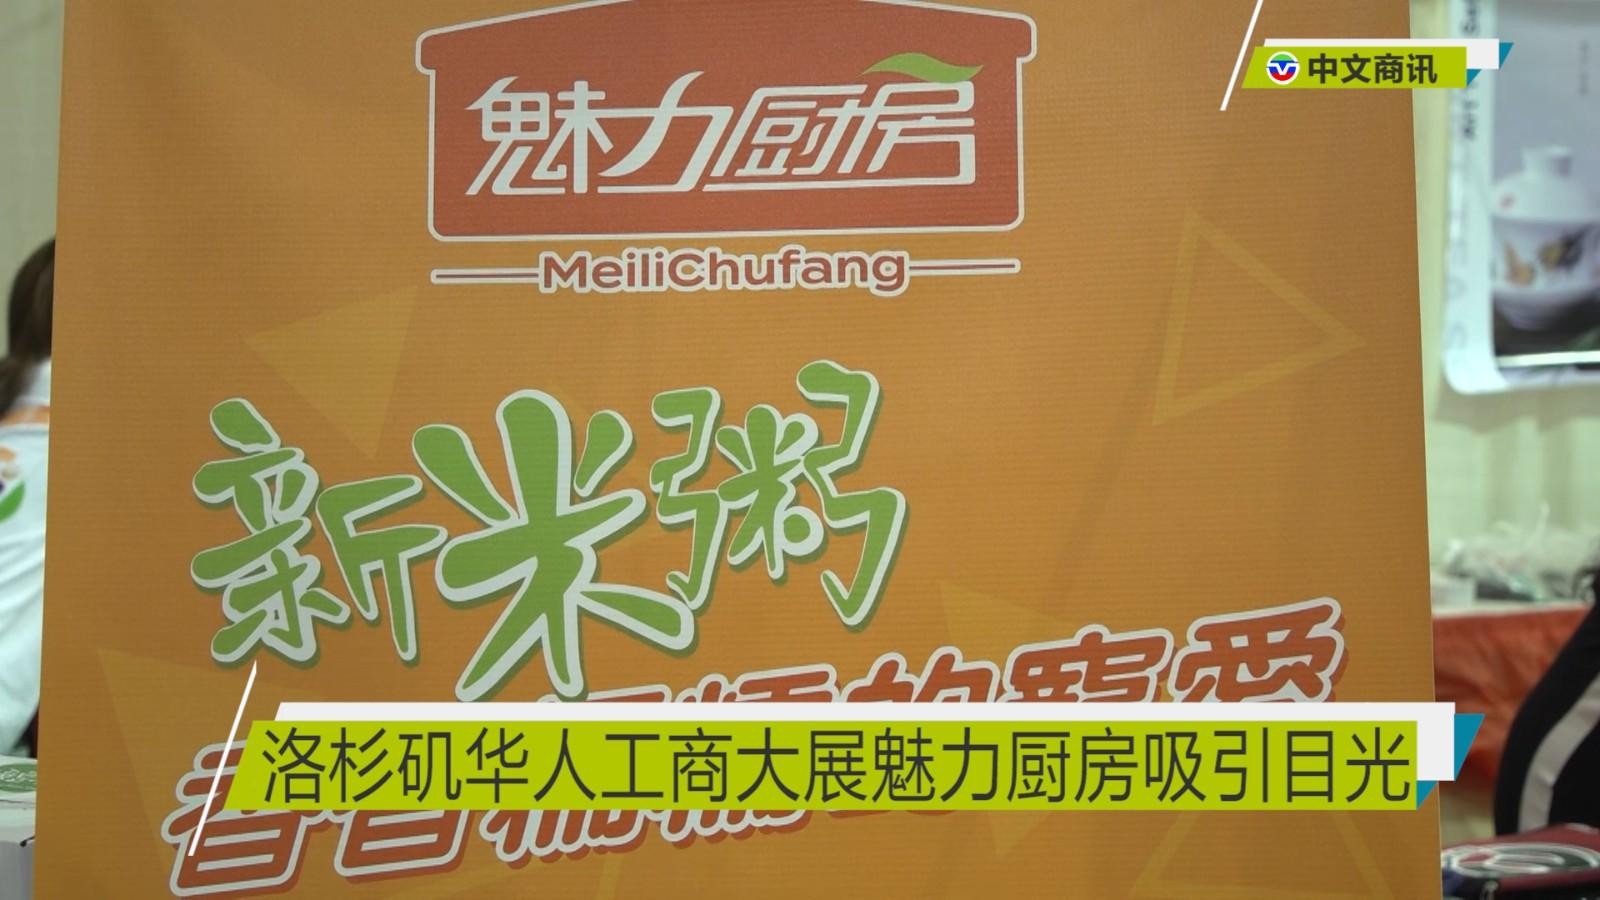 【视频】洛杉矶华人工商大展魅力厨房吸引目光